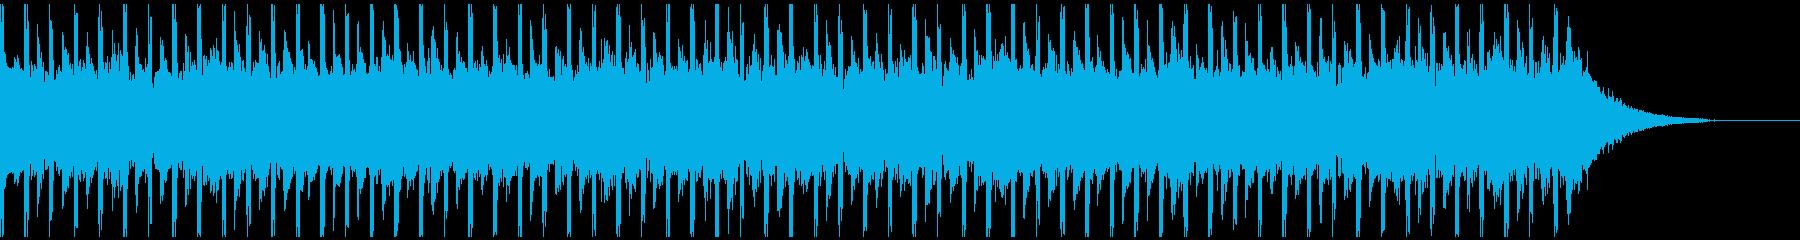 モダンコーポレート(30秒)の再生済みの波形